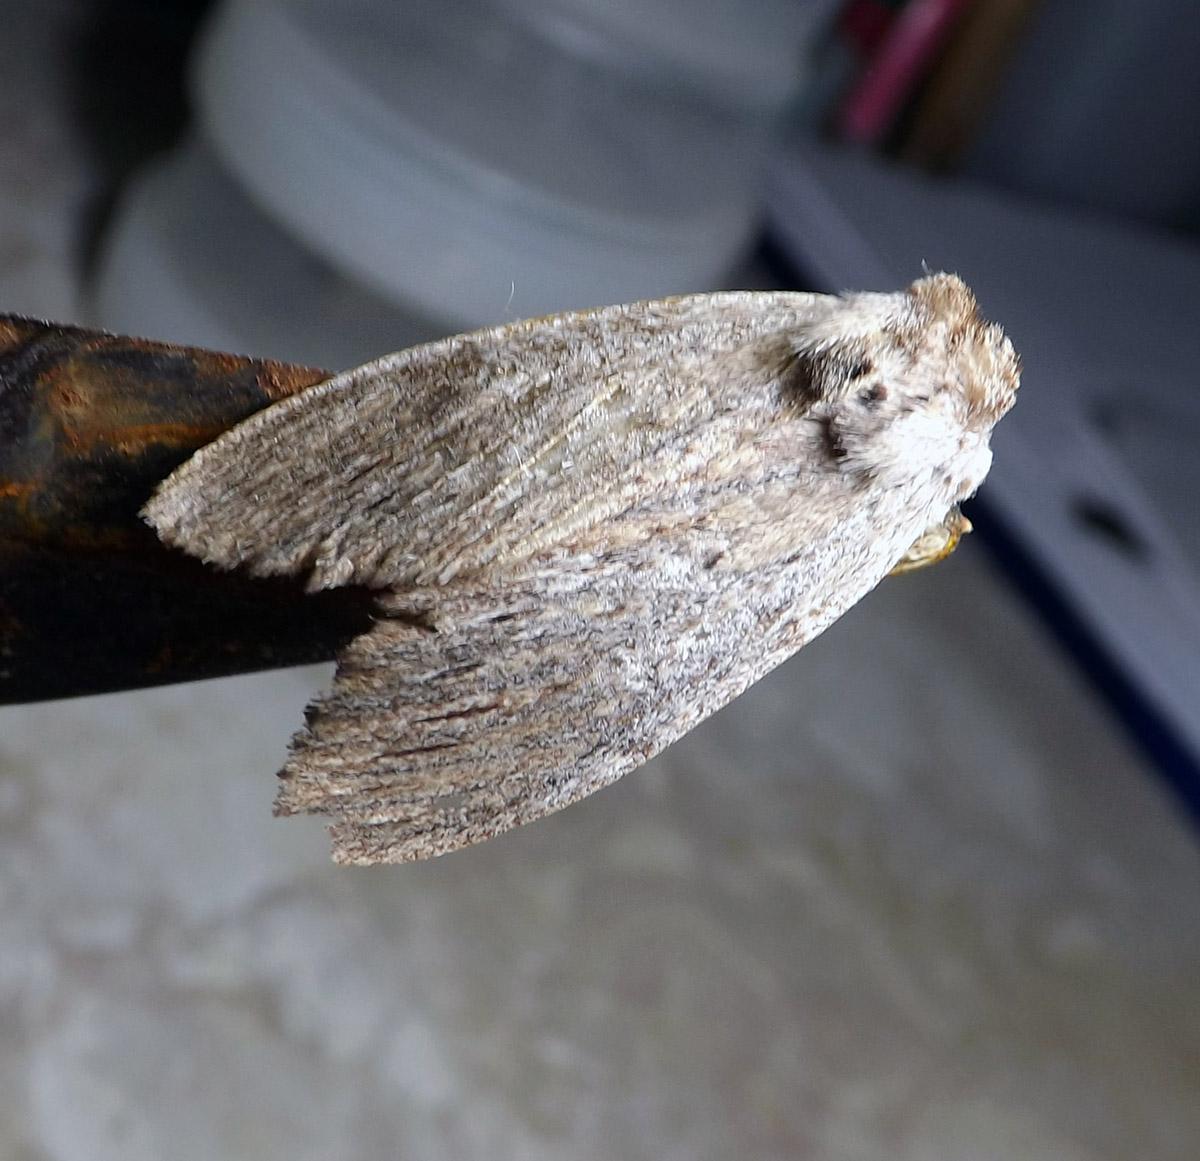 Noctuoidea Moth